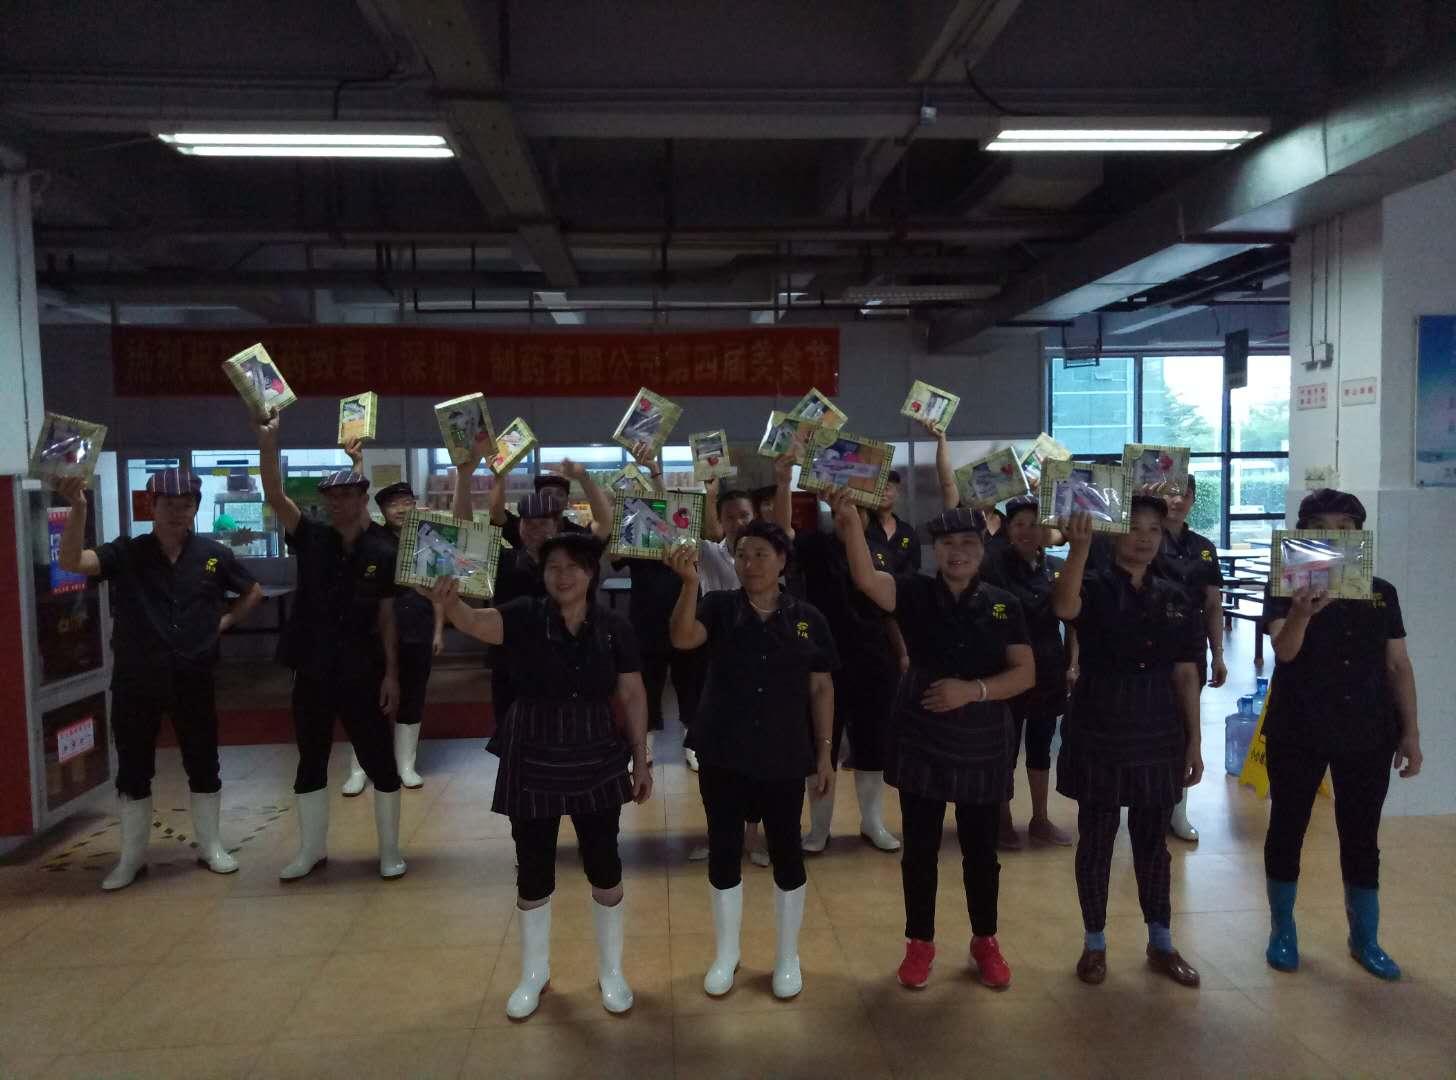 企业文化|企业文化-深圳市祥瑞餐饮管理有限公司